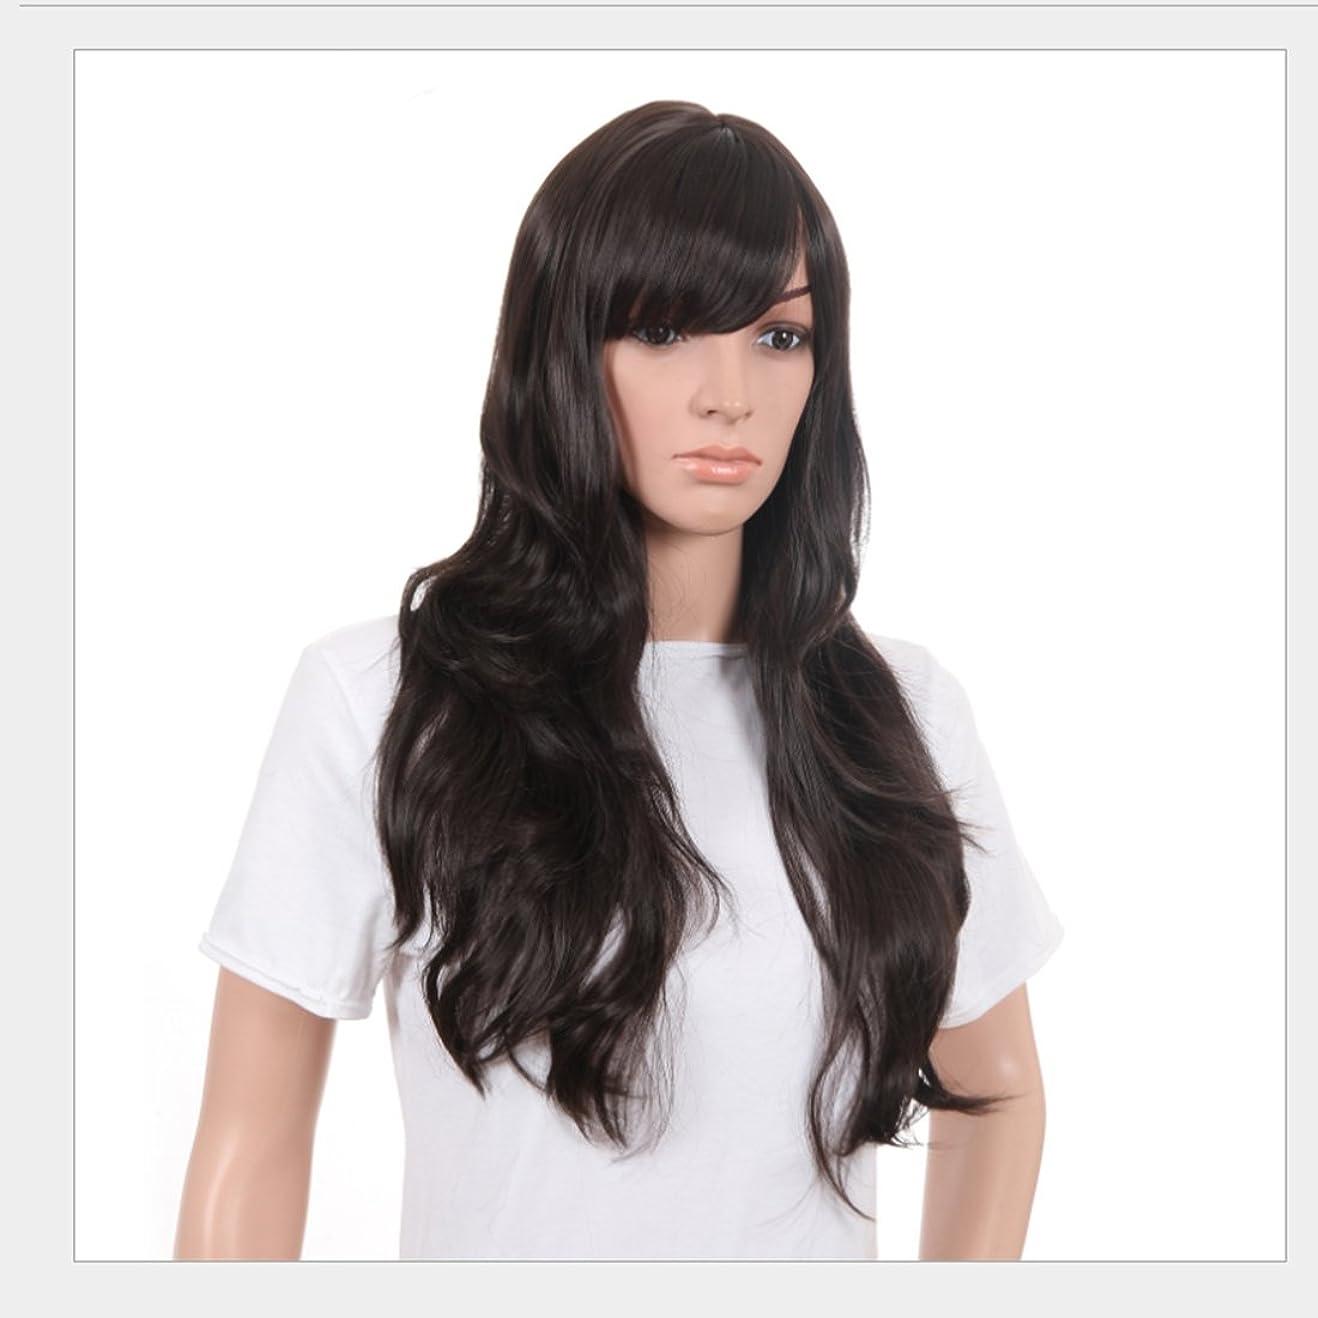 しゃがむ傾く公平なDoyvanntgo 女性のための新鮮で素敵な髪型ウィッグロングストレートヘアーパーソナリティオブリックバングウィッグパーソナリティヘアナチュラルカラー21inchの長さのためのふわふわかつら(黒、ベージュ) (Color : ブラック)